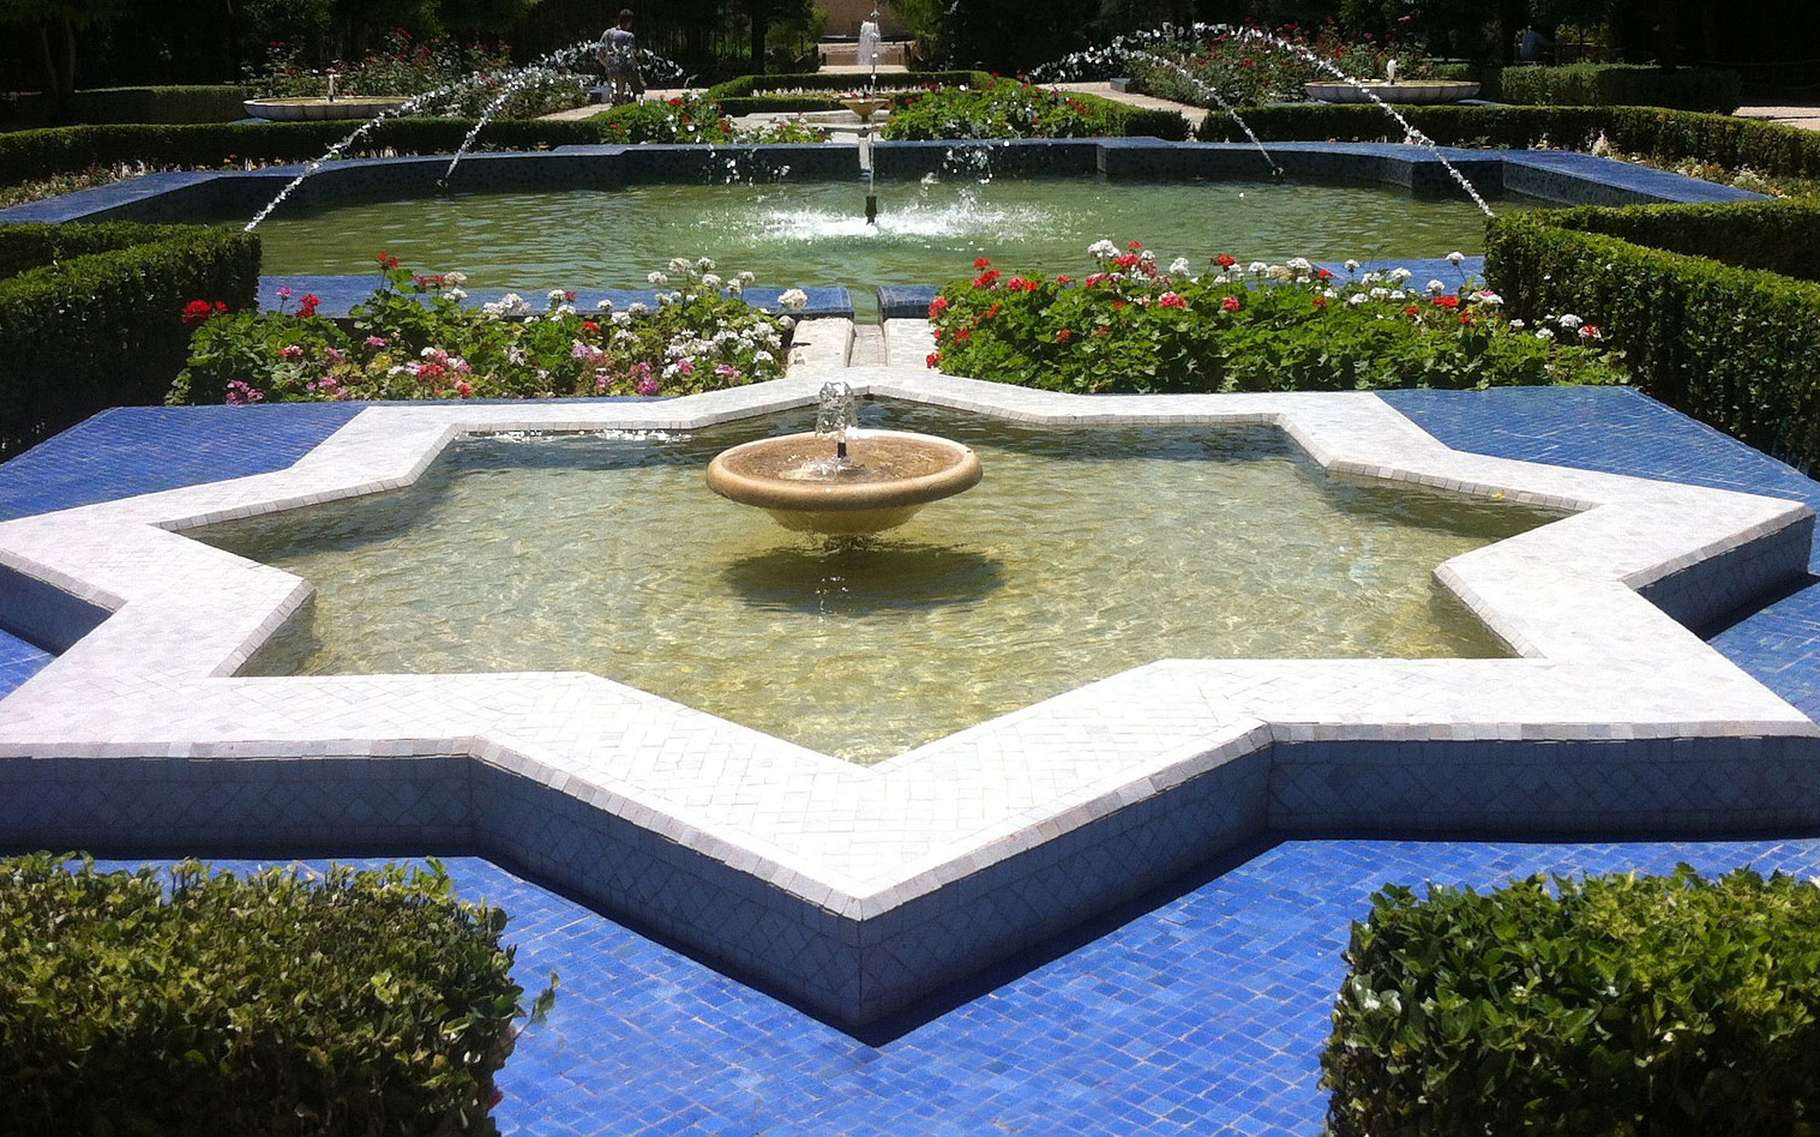 Bassin De Jardin Préformé : Choix De La Forme Et Des ... pour Bassin De Jardin Préformé Grande Taille